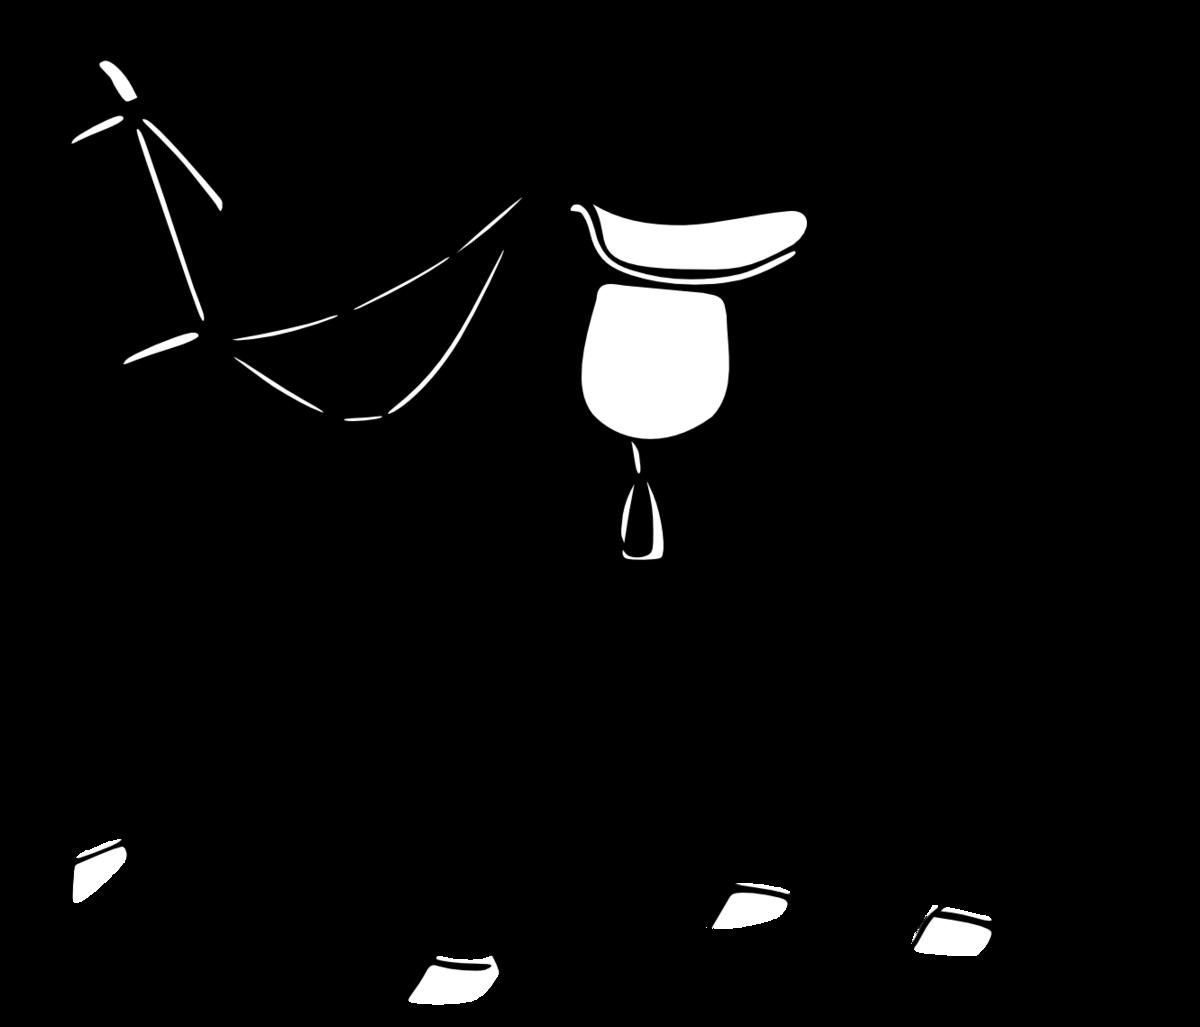 Картинка черно белая конь